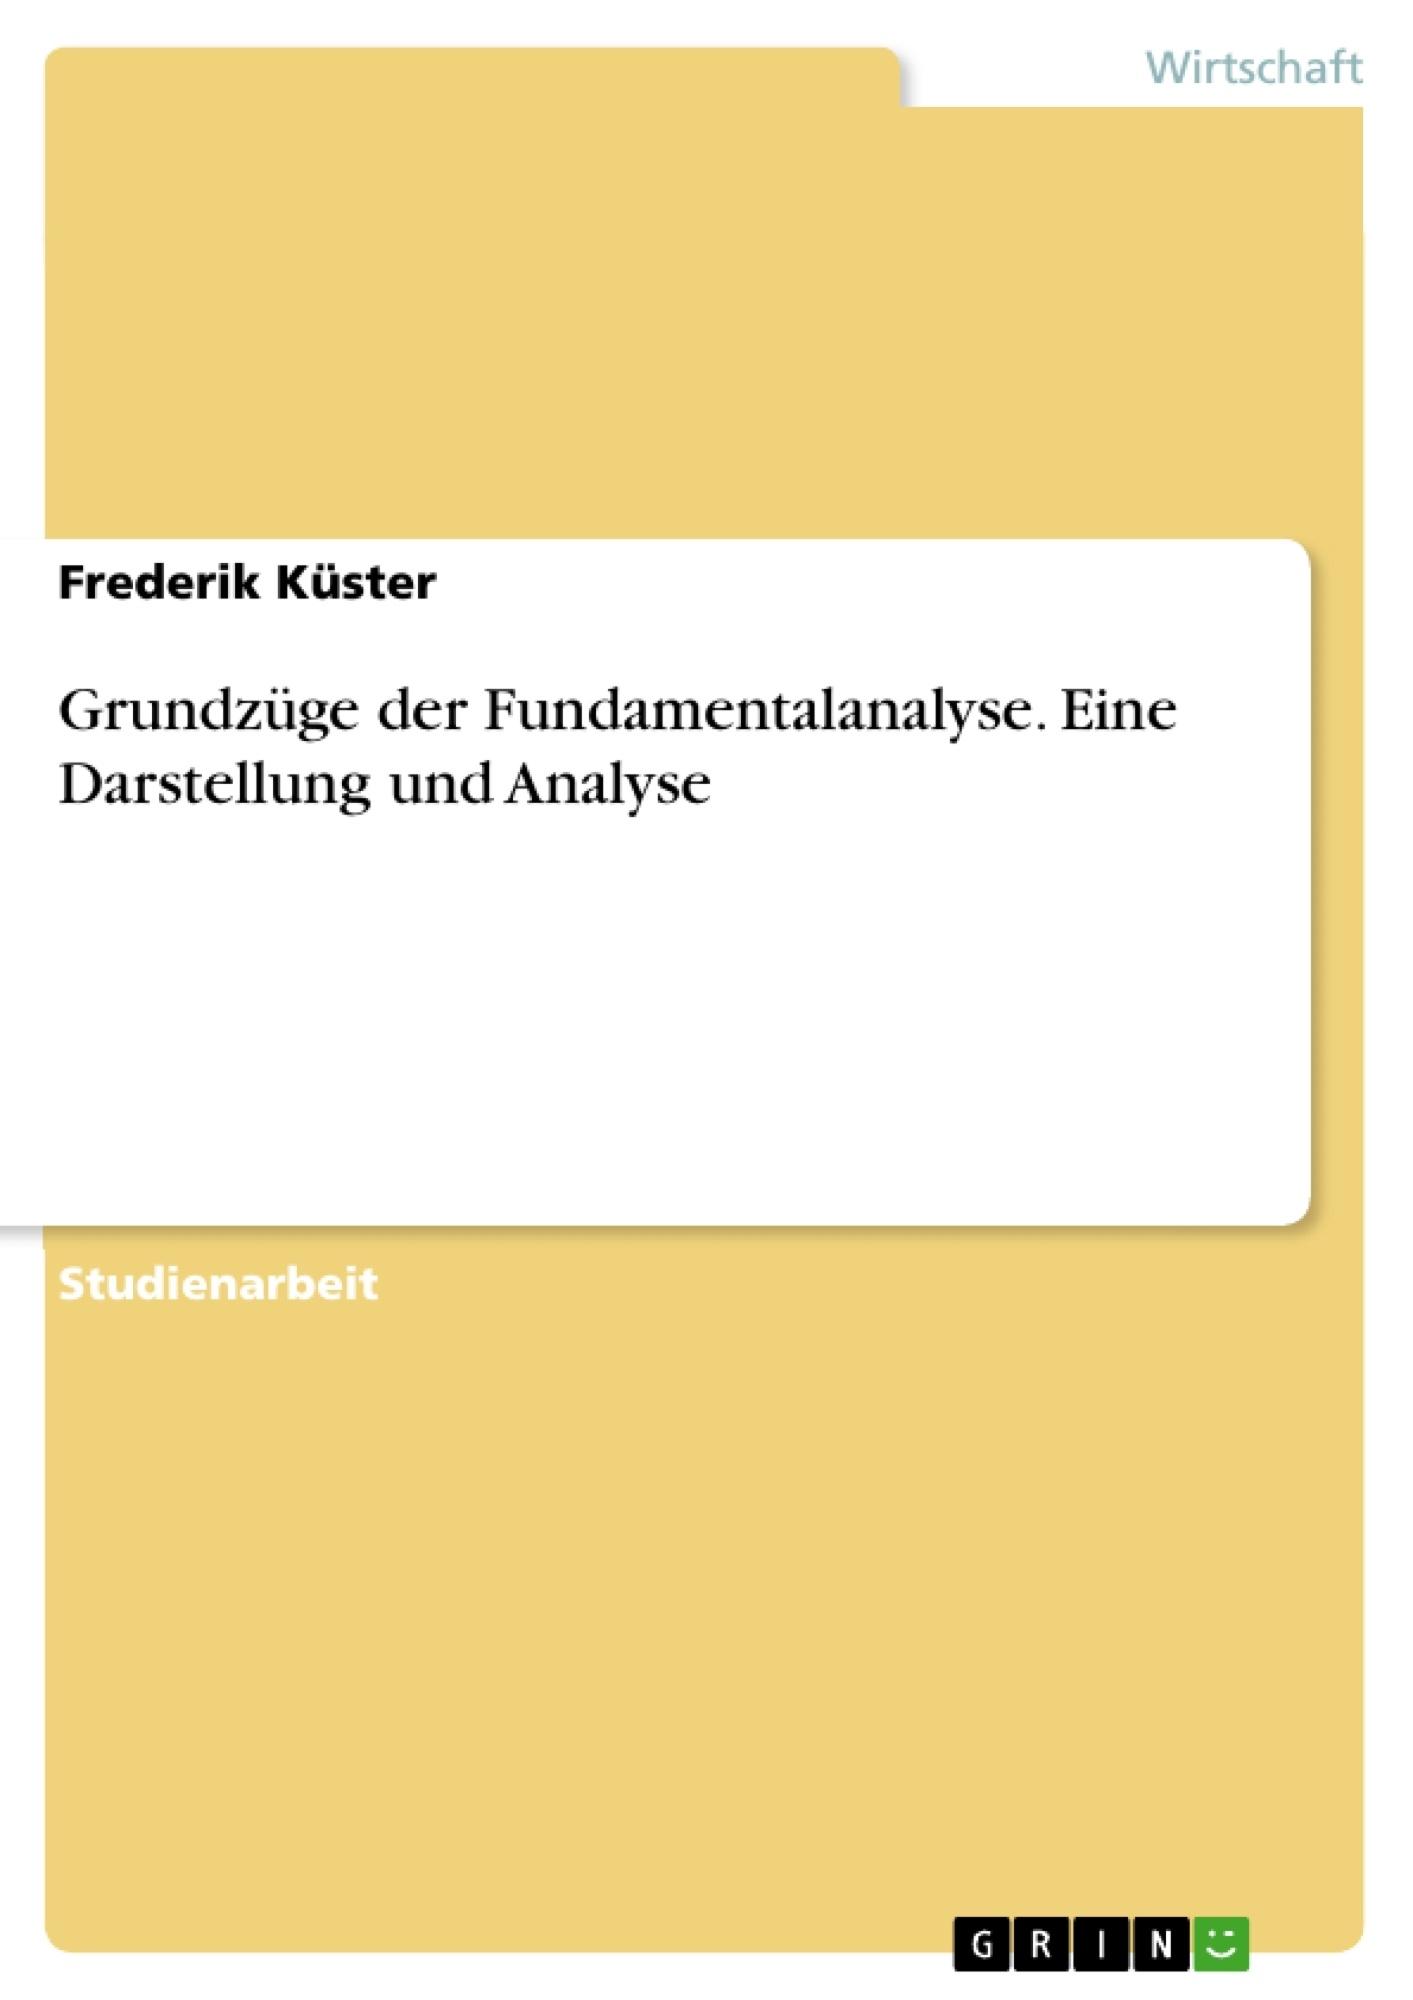 Titel: Grundzüge der Fundamentalanalyse. Eine Darstellung und Analyse